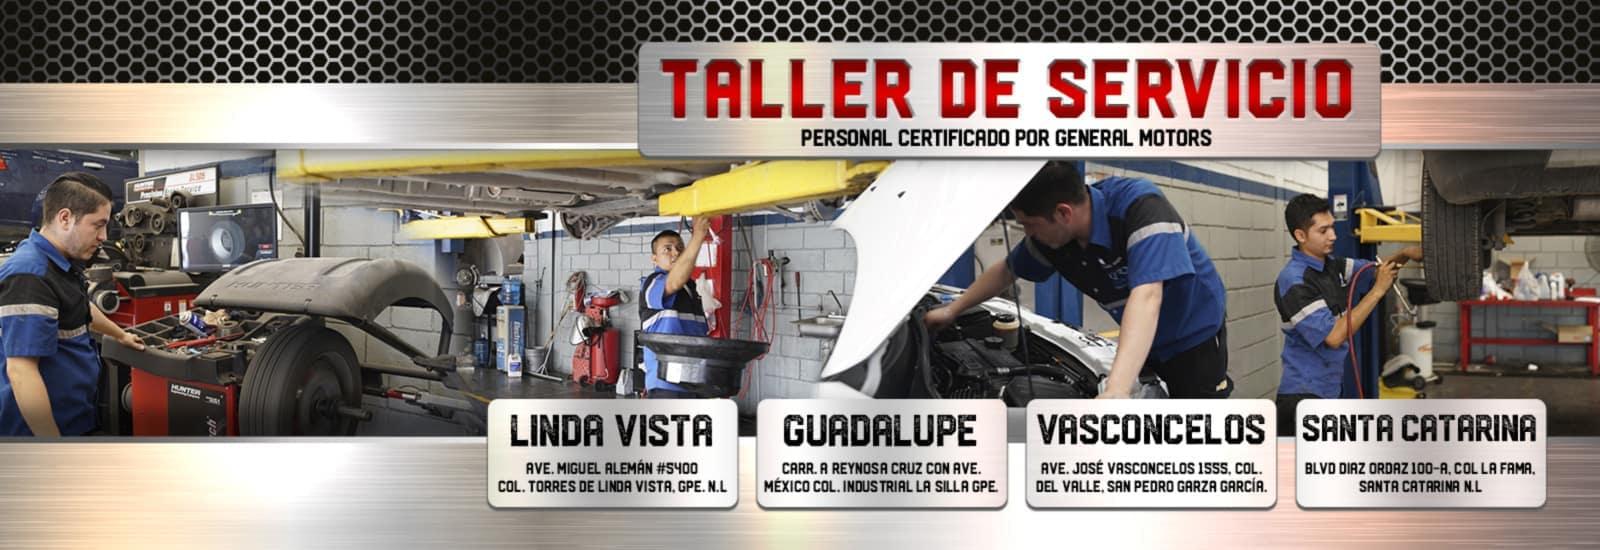 taller-de-servicio-grupo-rivero